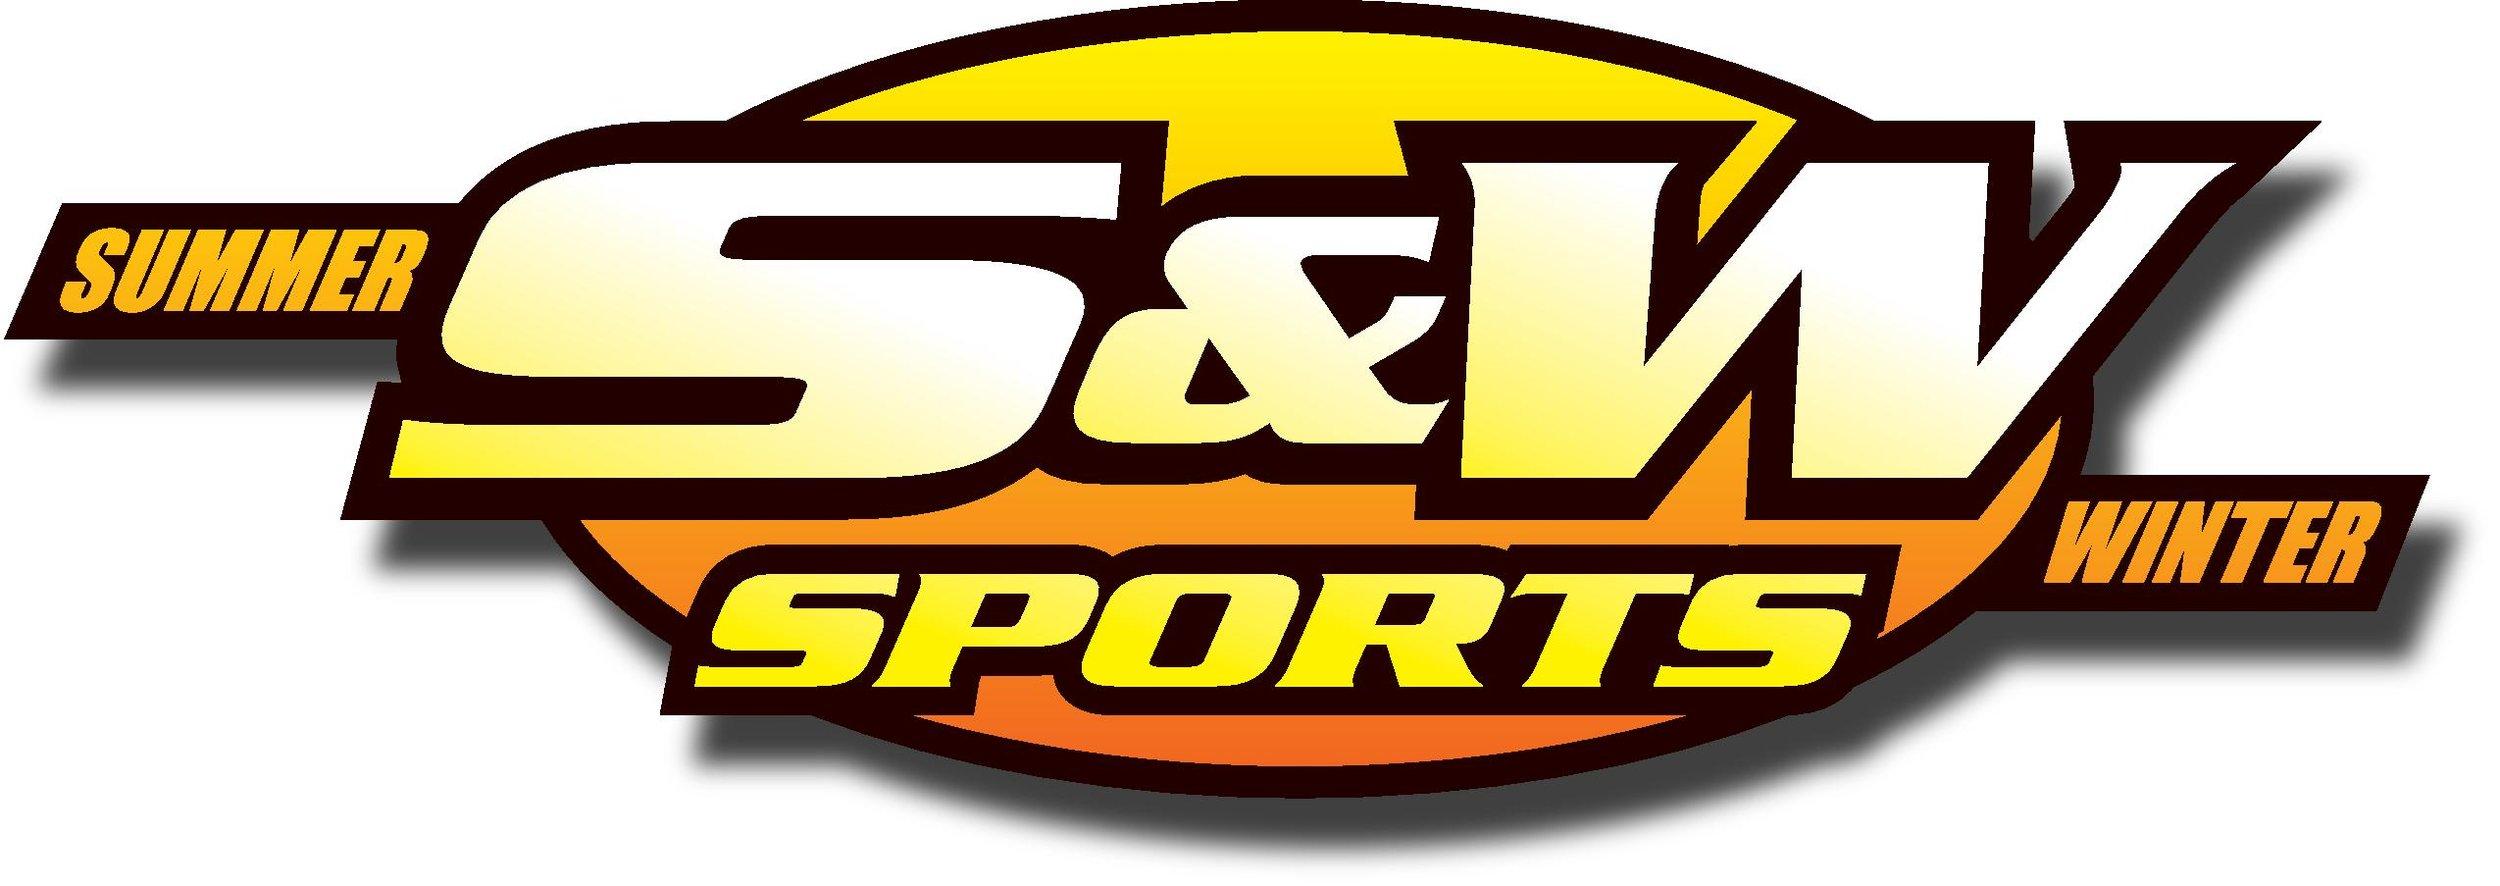 s&w_logo NEW-page-001.jpg